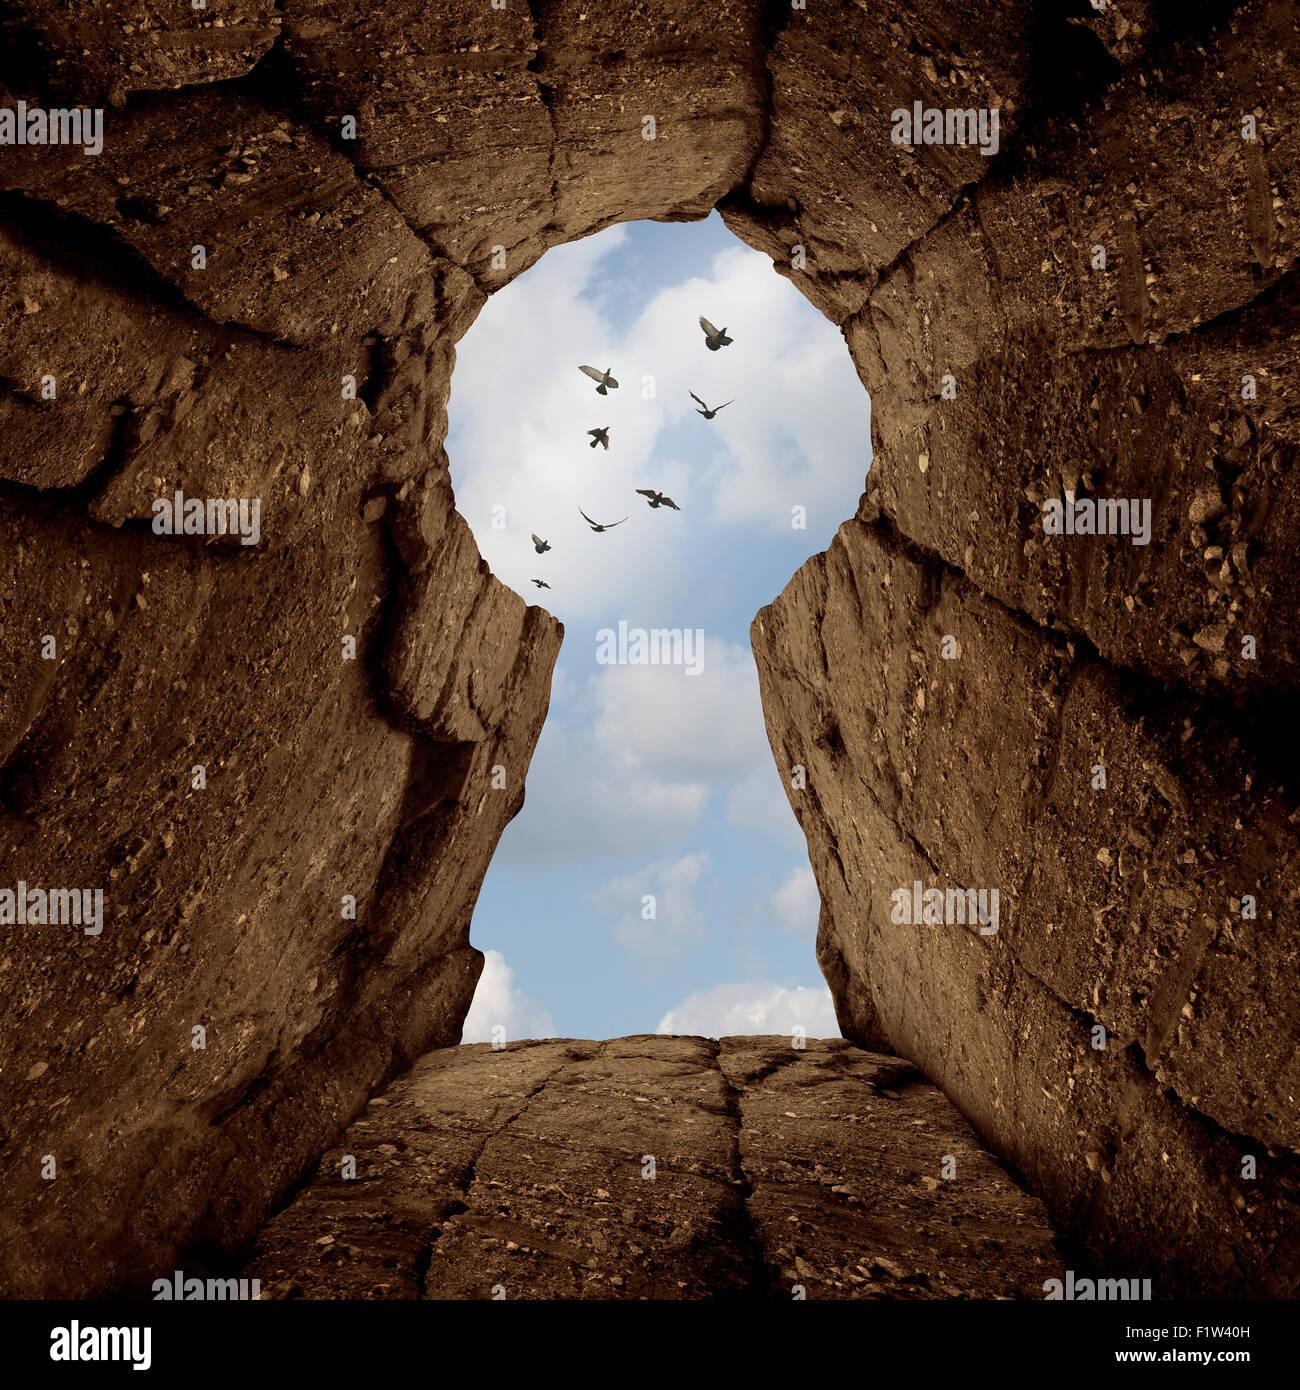 Schlüssel öffnen-Konzept und das Geheimnis der Erfolgsgrad, wie ein Berg Ciff geformt wie ein Schlüsselloch Stockbild